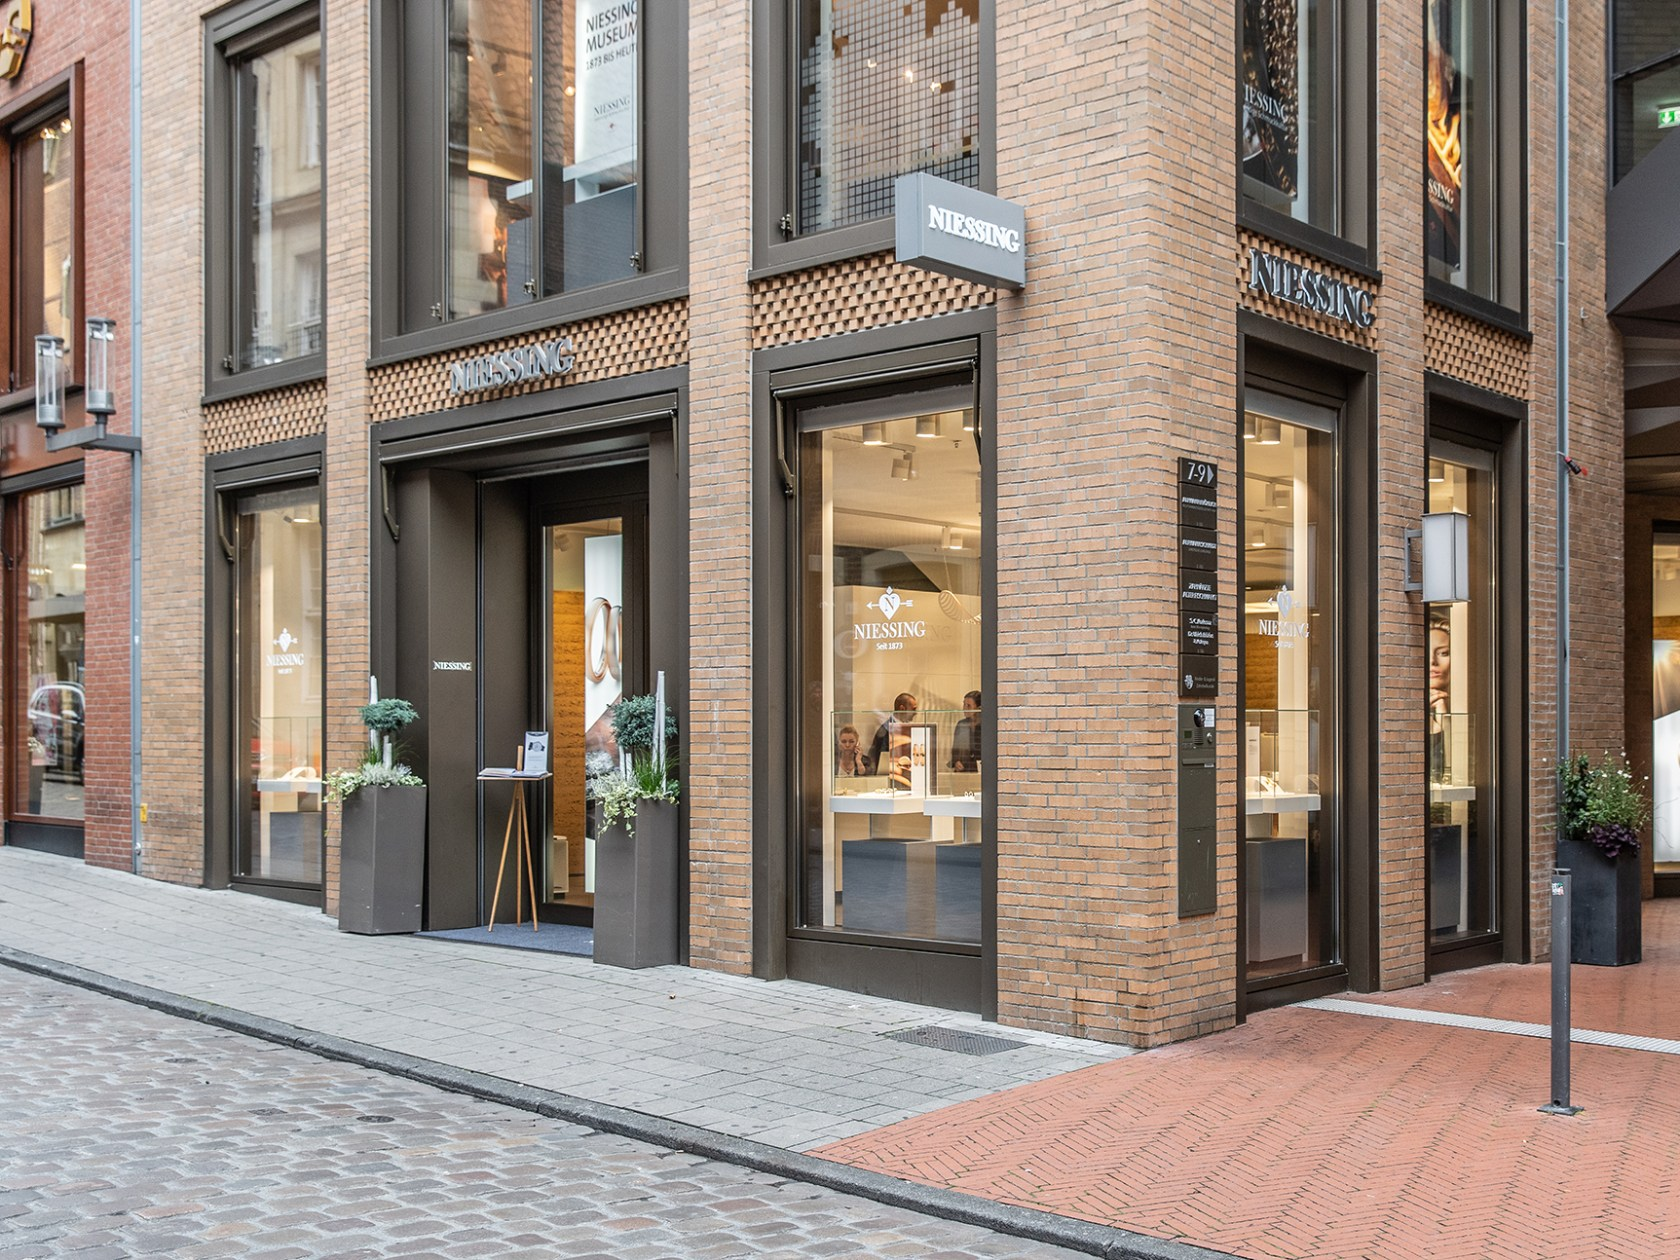 Niessing Store Münster